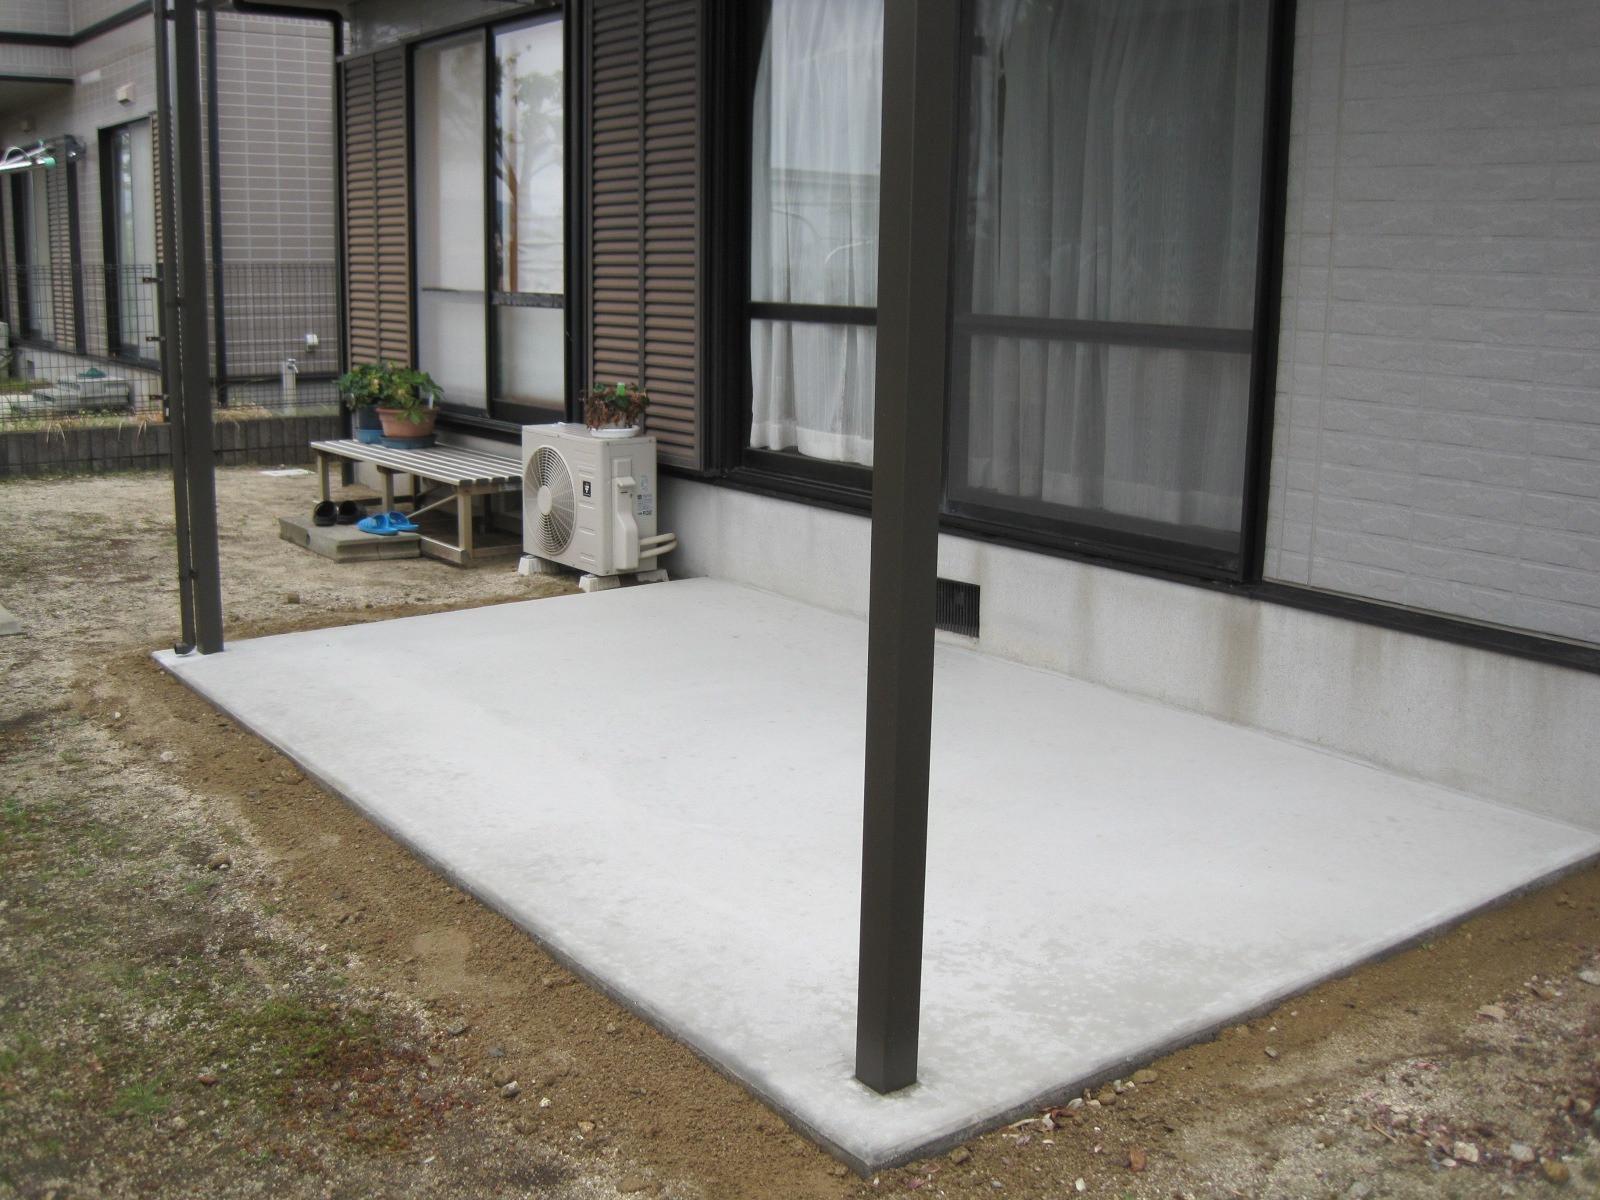 ウッドデッキに屋根付きの洗濯物干し場があれば急に雨が降っても慌てずストレスフリー